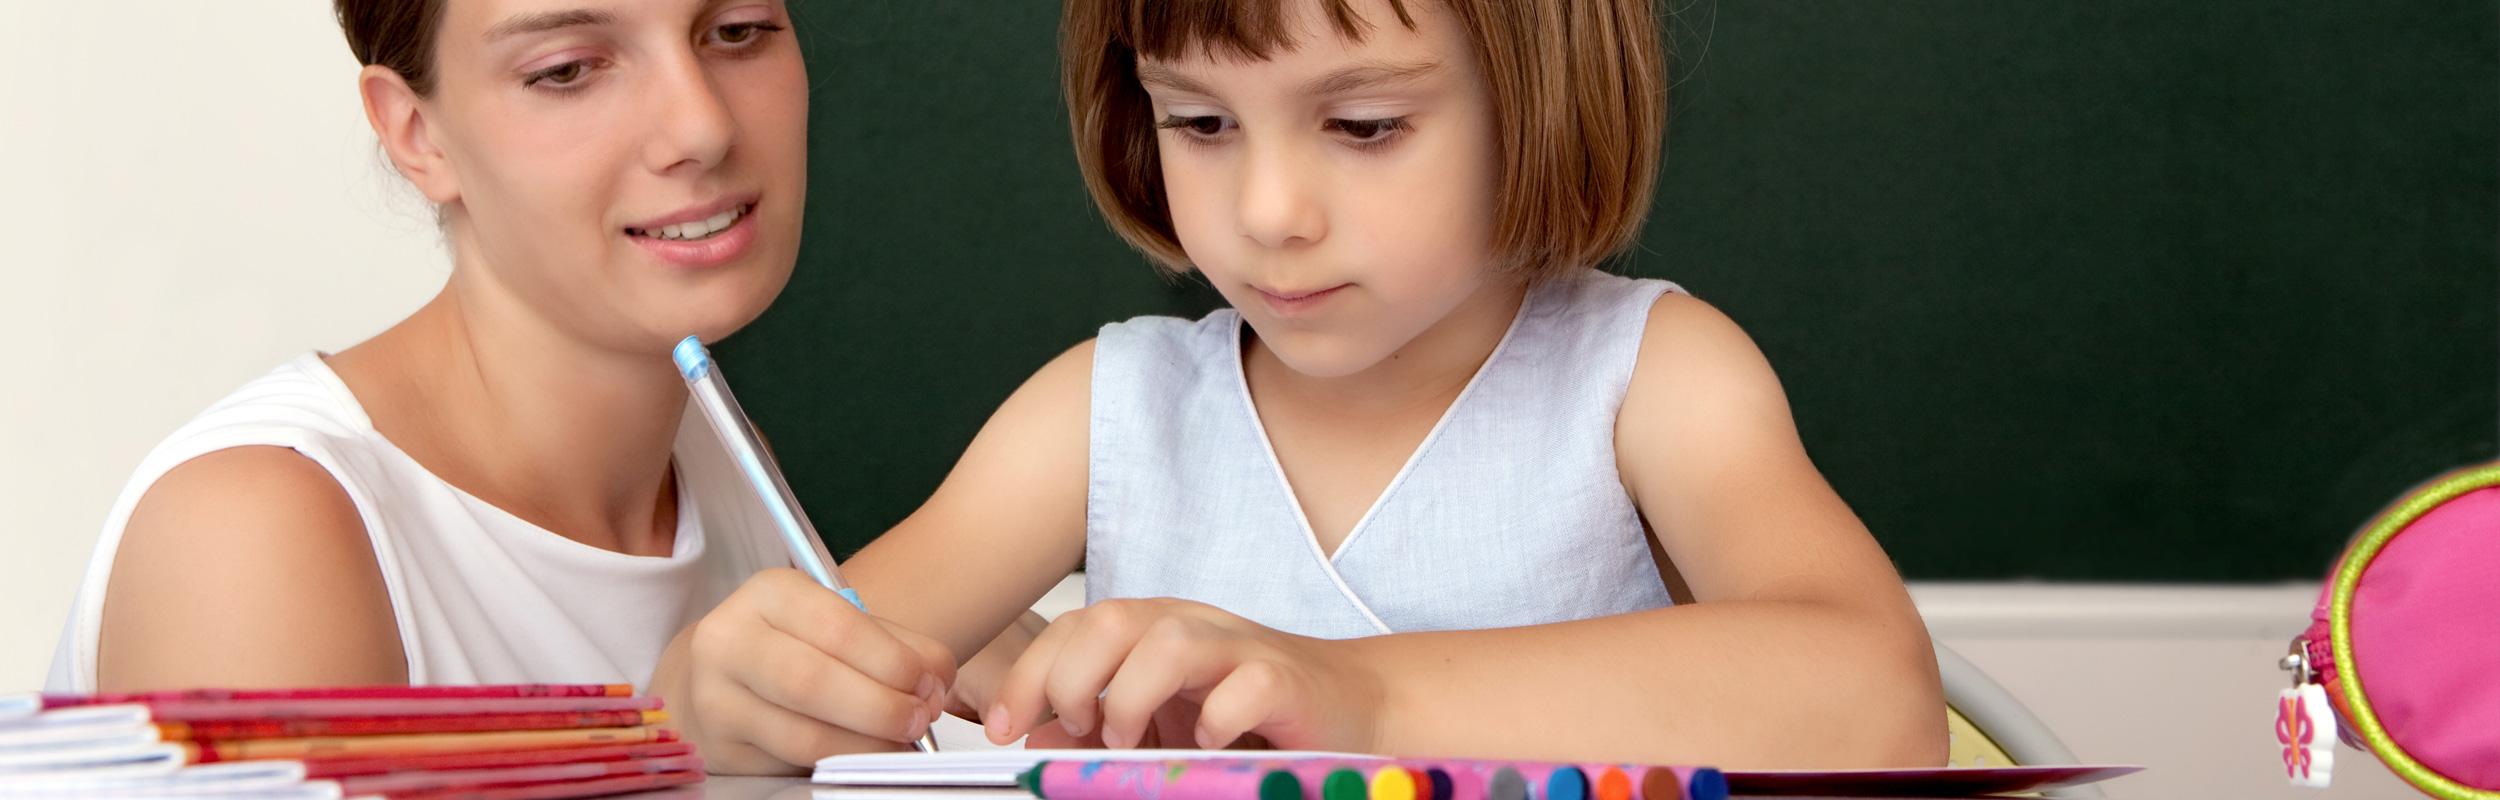 Edukacyjne kolorowanki dla dzieci - www.kolorowe-obrazki.pl